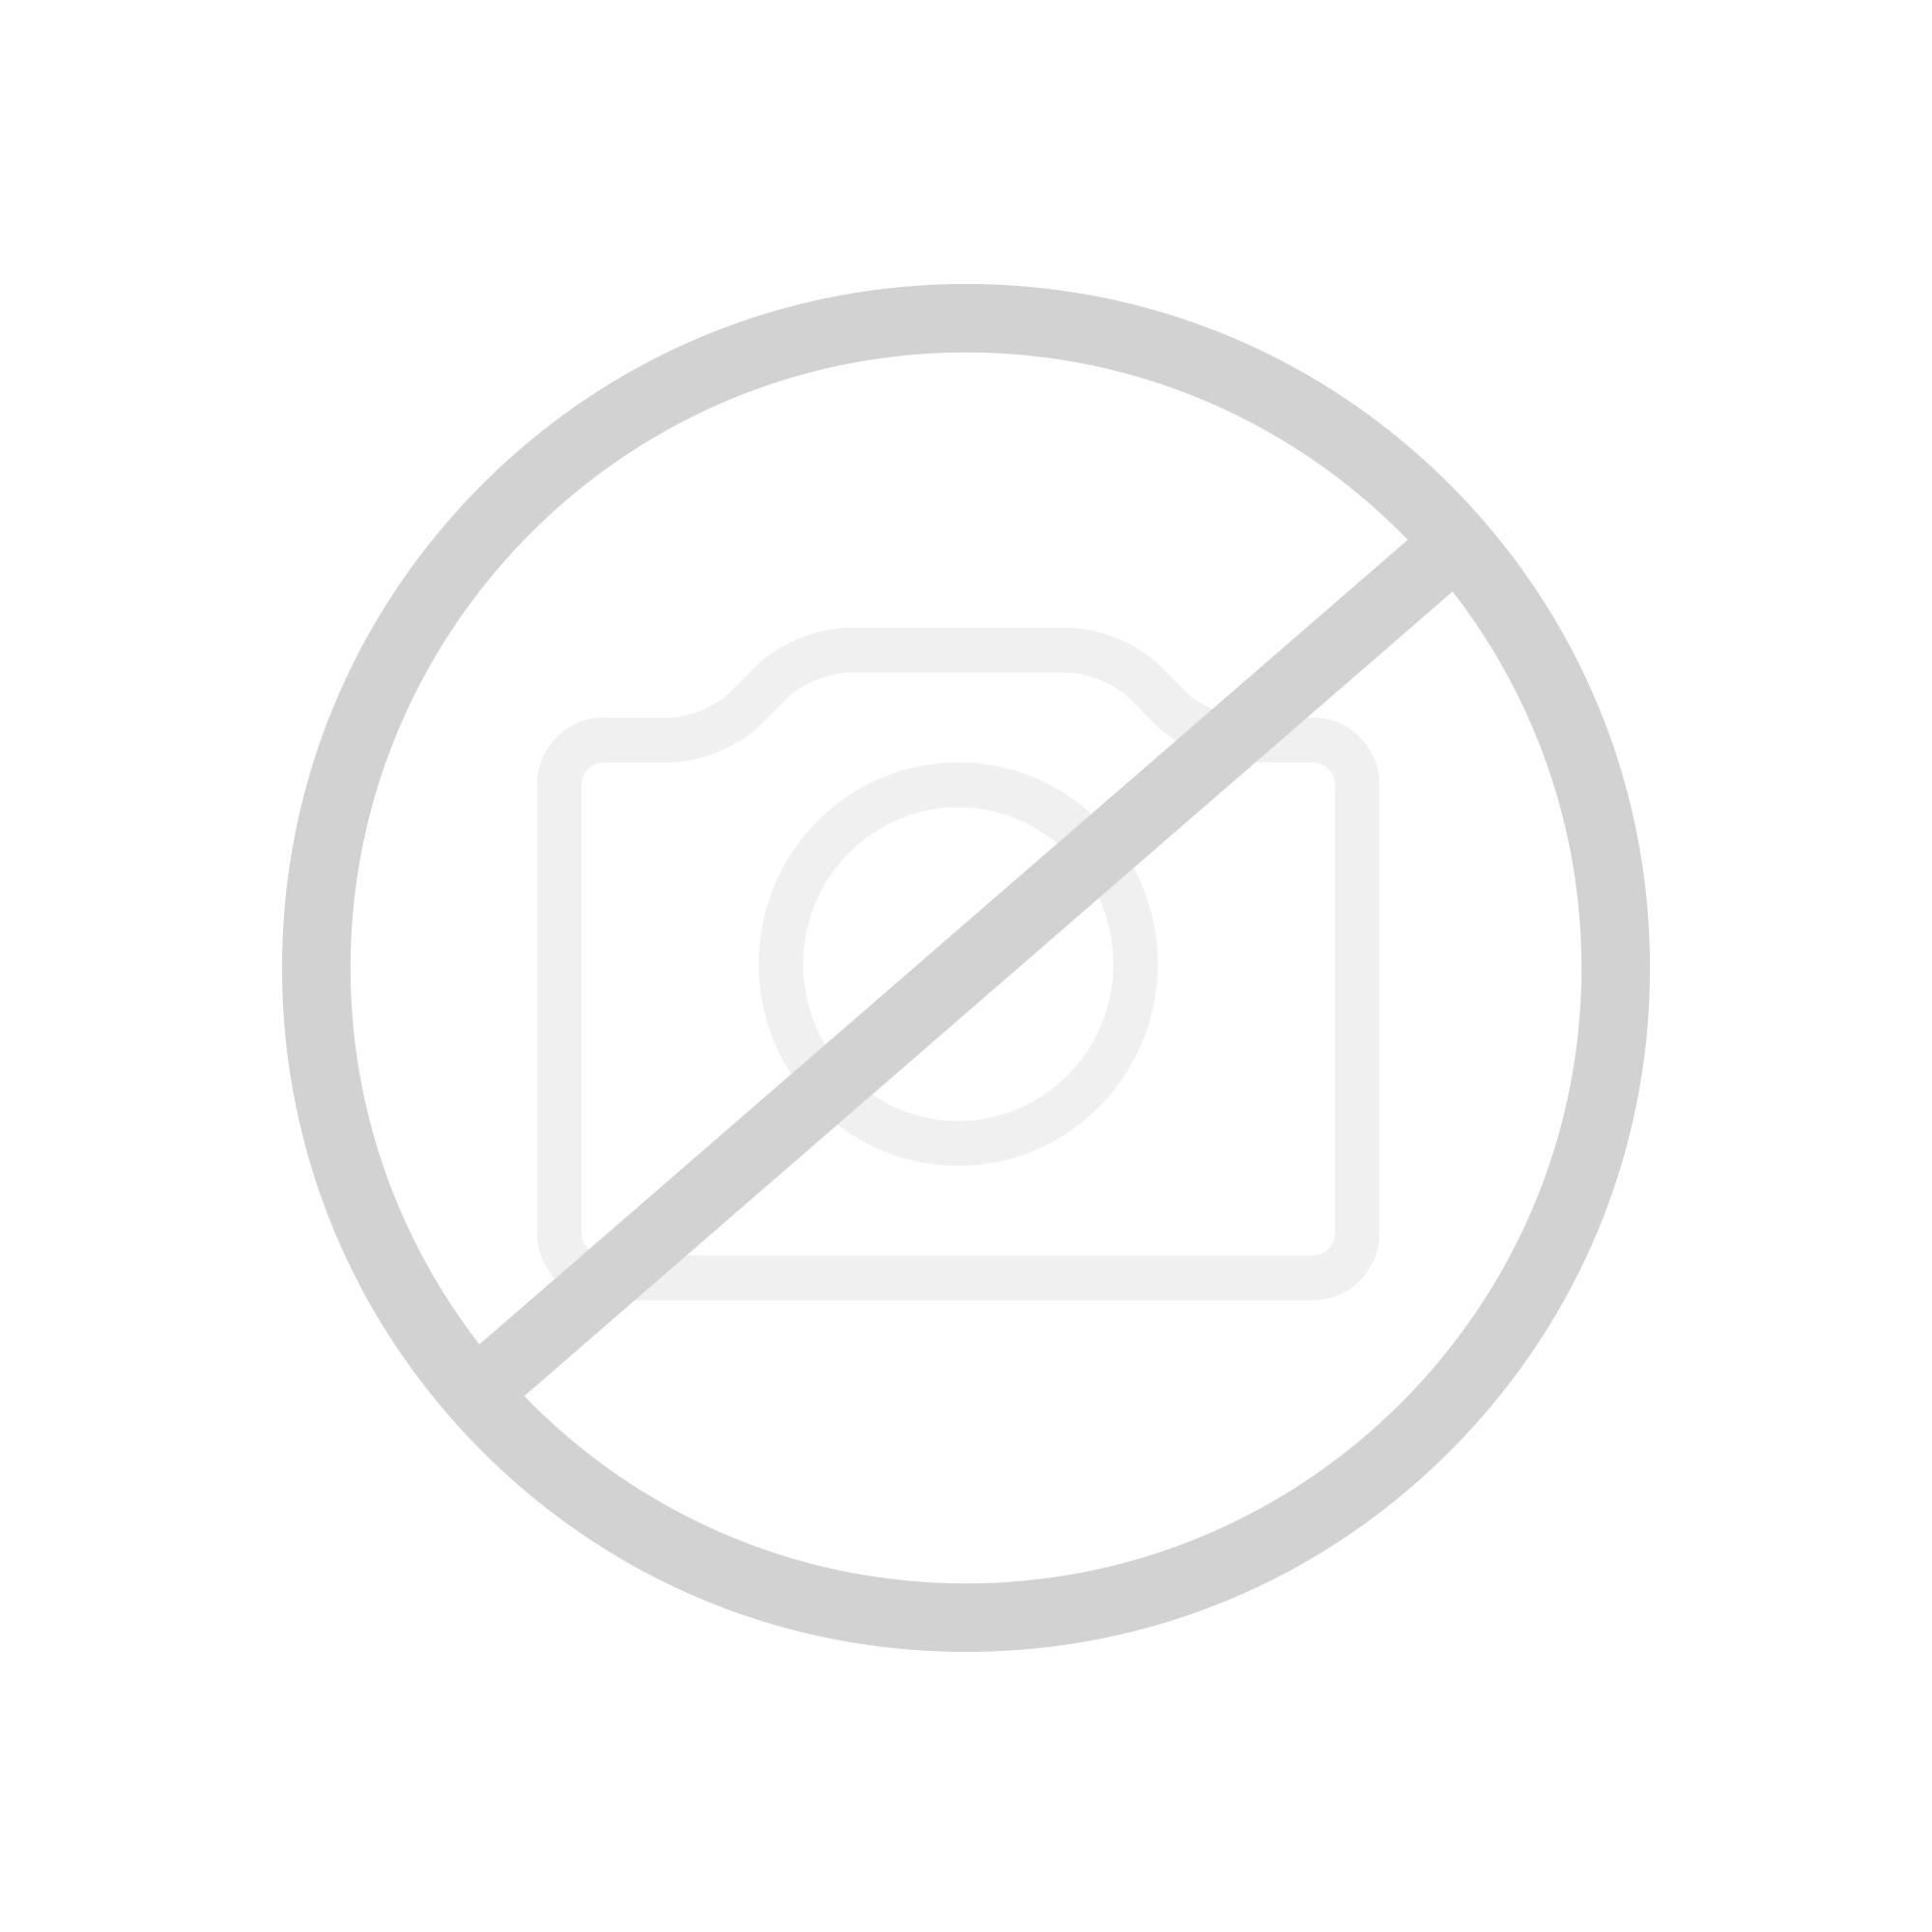 Badewannenarmaturen  Badewannenarmaturen günstig kaufen im REUTER Onlineshop